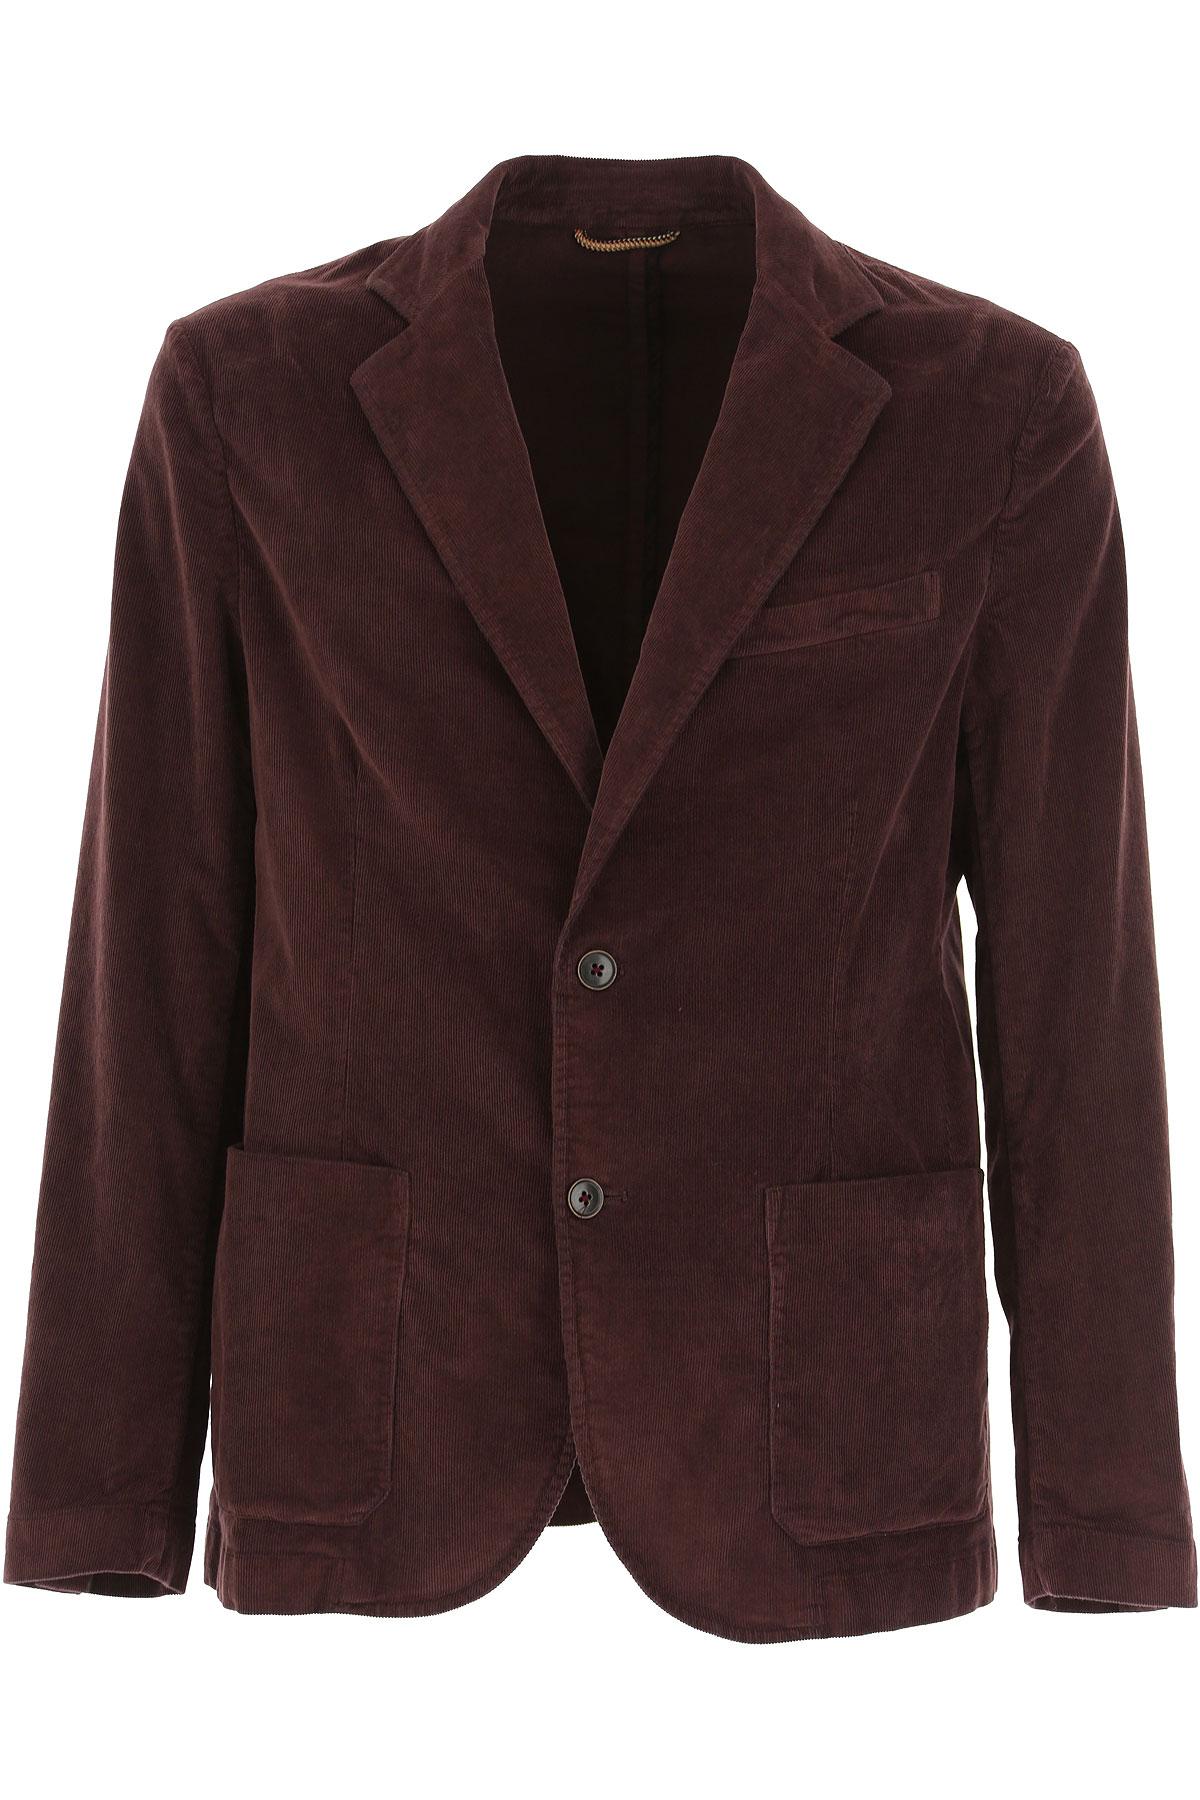 Brooksfield Blazer for Men, Sport Coat On Sale, raisin, Cotton, 2019, L M S XL